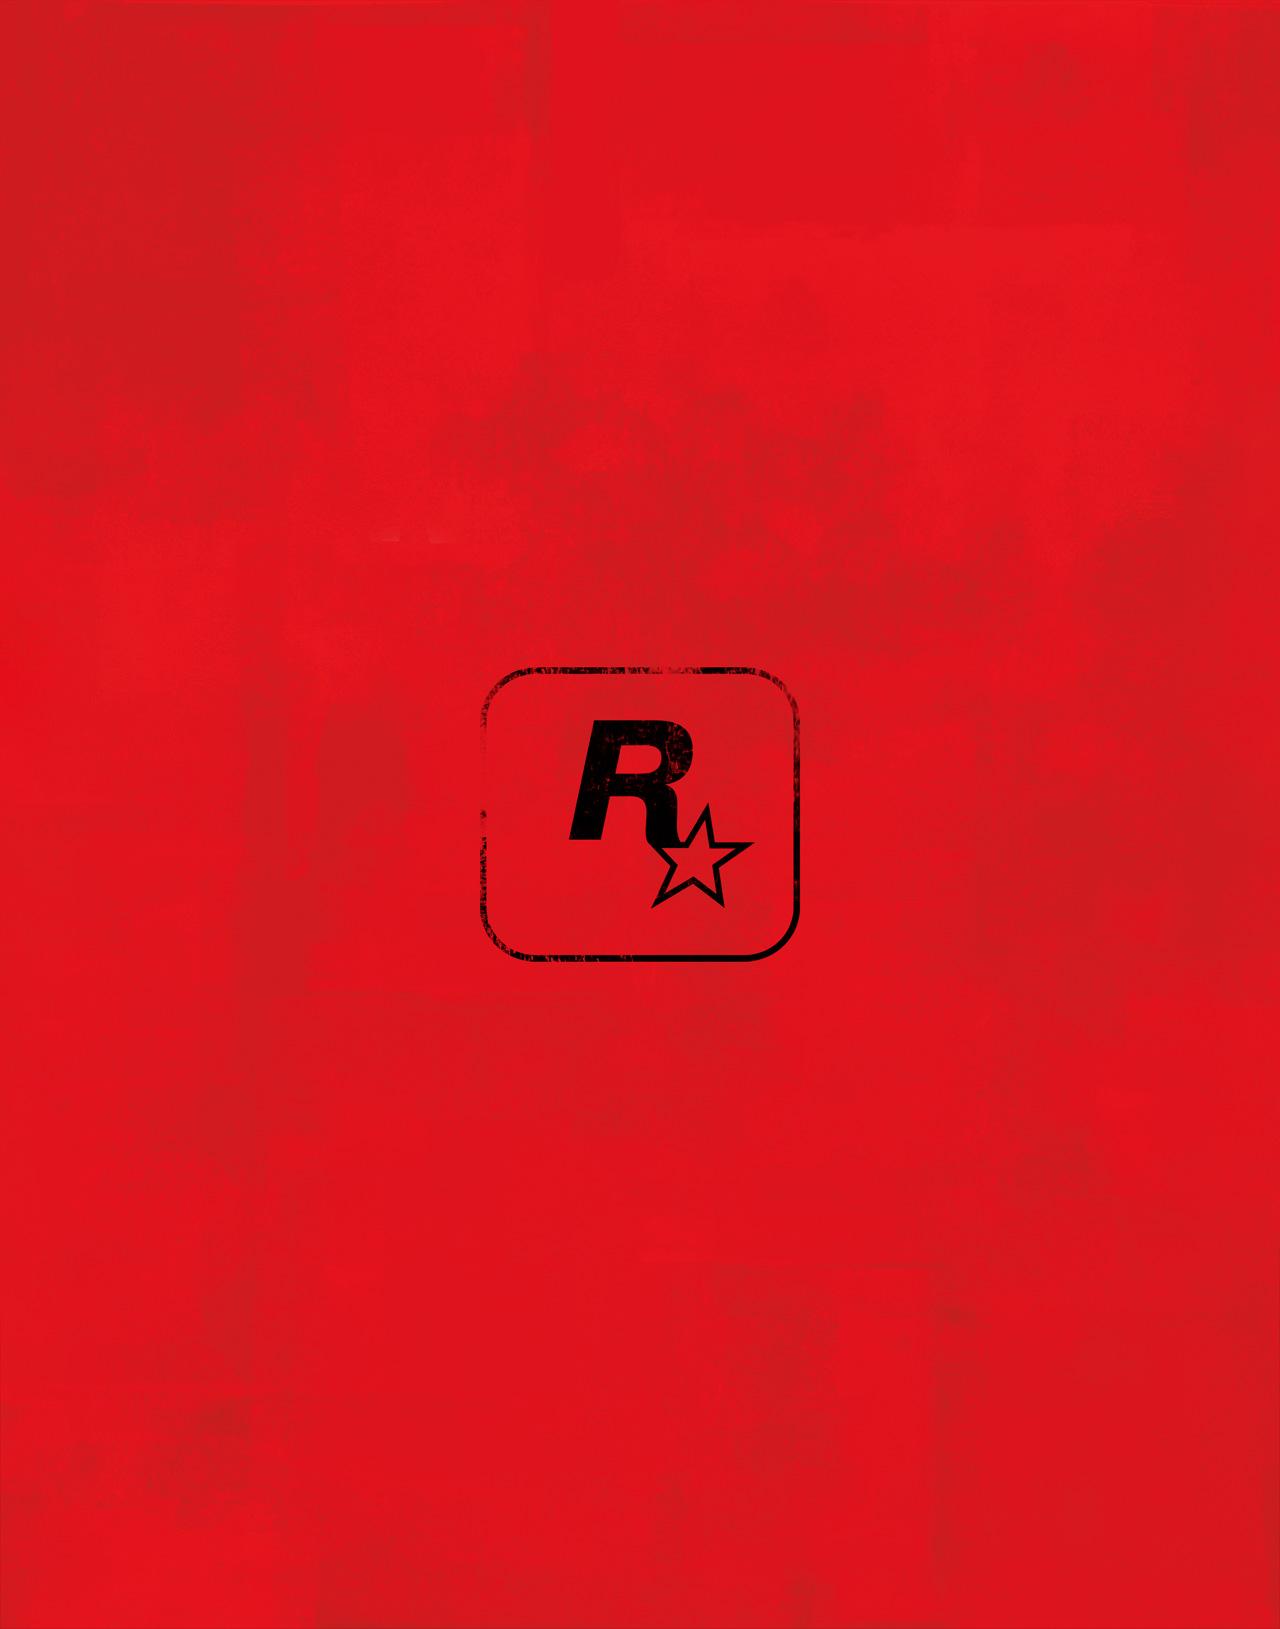 Se disparan los rumores de Red Dead Redemption 2 a partir de una misteriosa imagen publicada por Rockstar Games